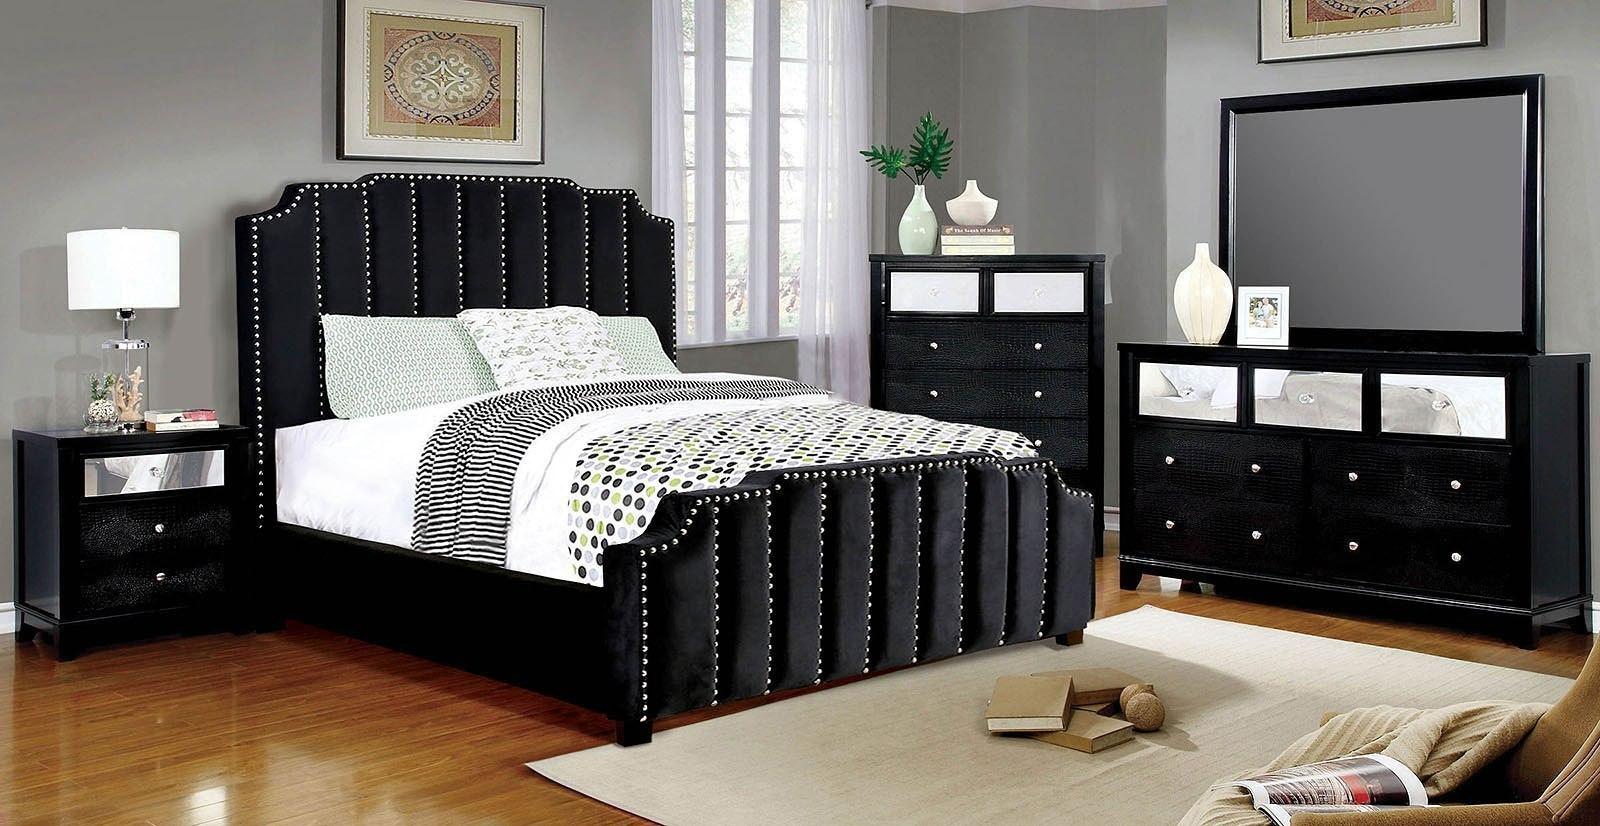 Atria Upholstered Bedroom Set Black